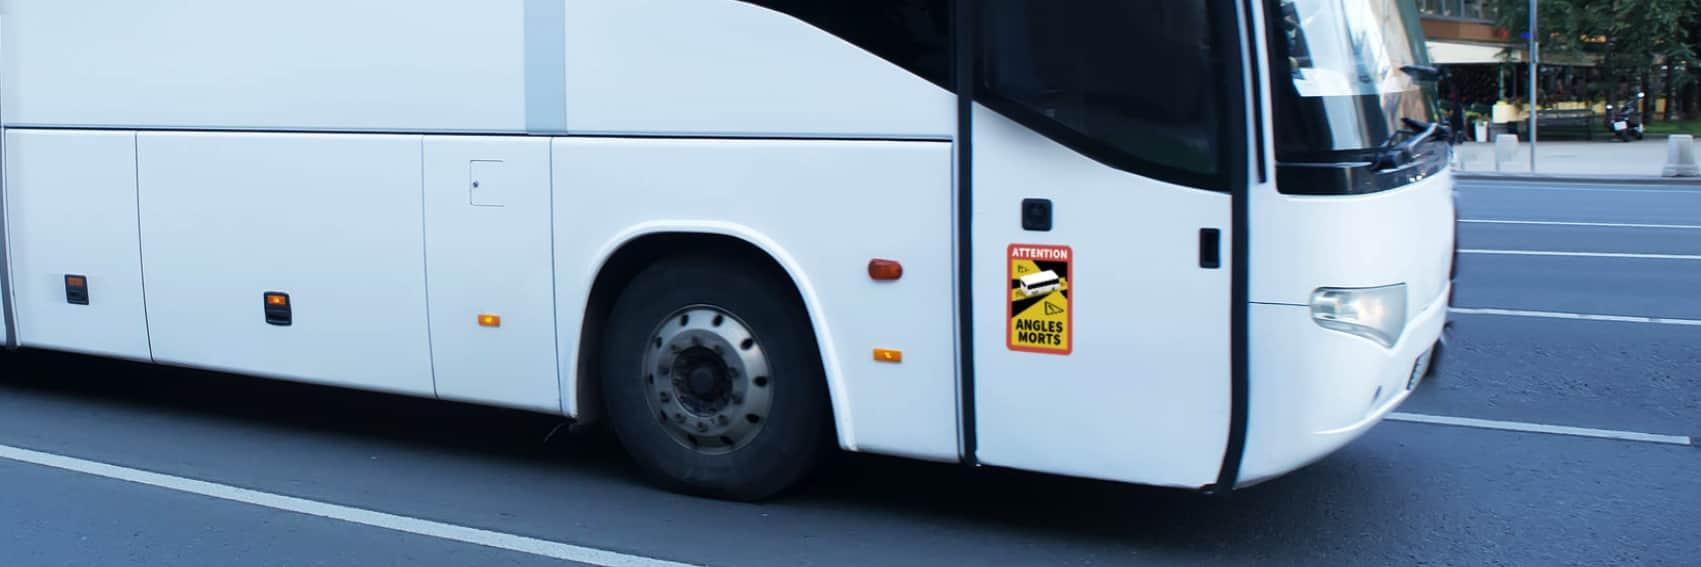 bus-schild